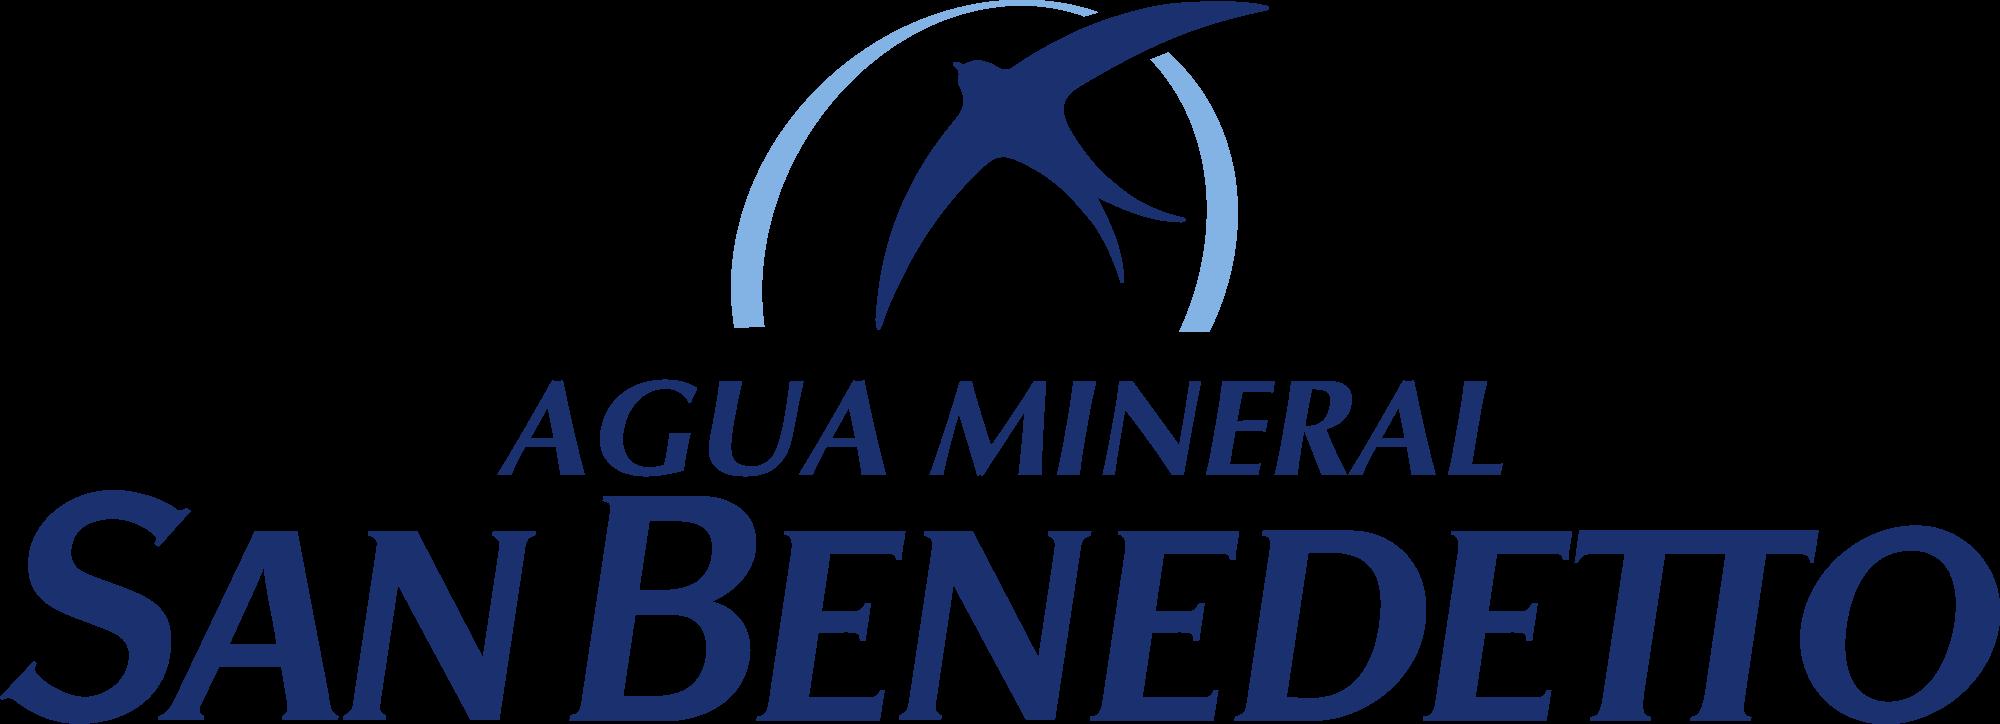 Agua Mineral San Benedetto, S.A.U.